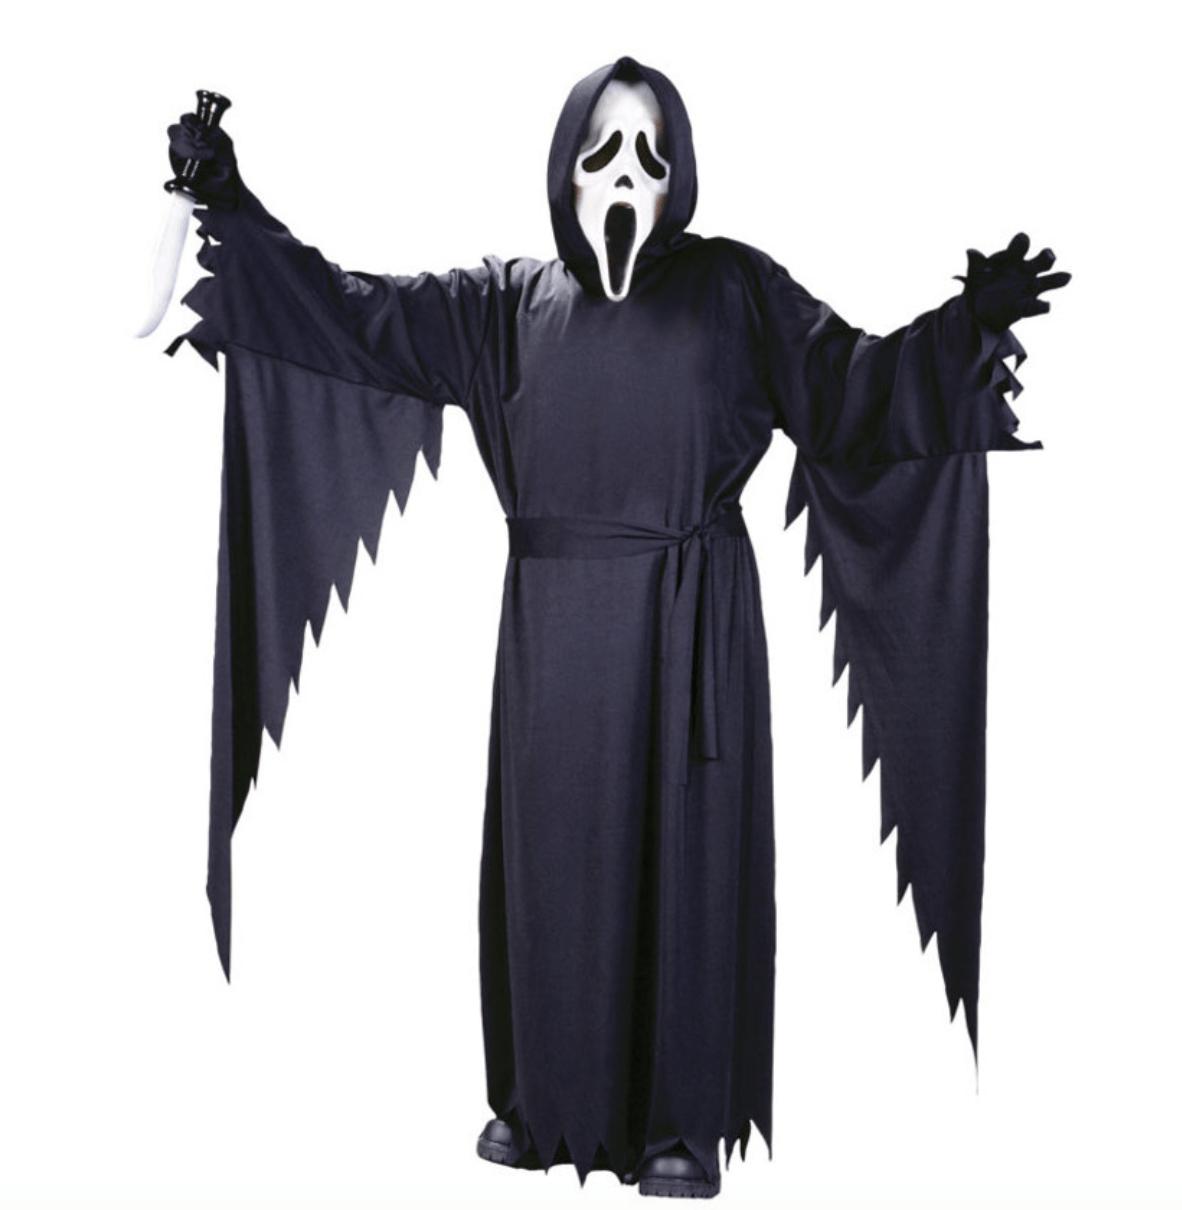 Skærmbillede 2017 10 08 kl. 11.36.19 - Scream kostume til børn og voksne